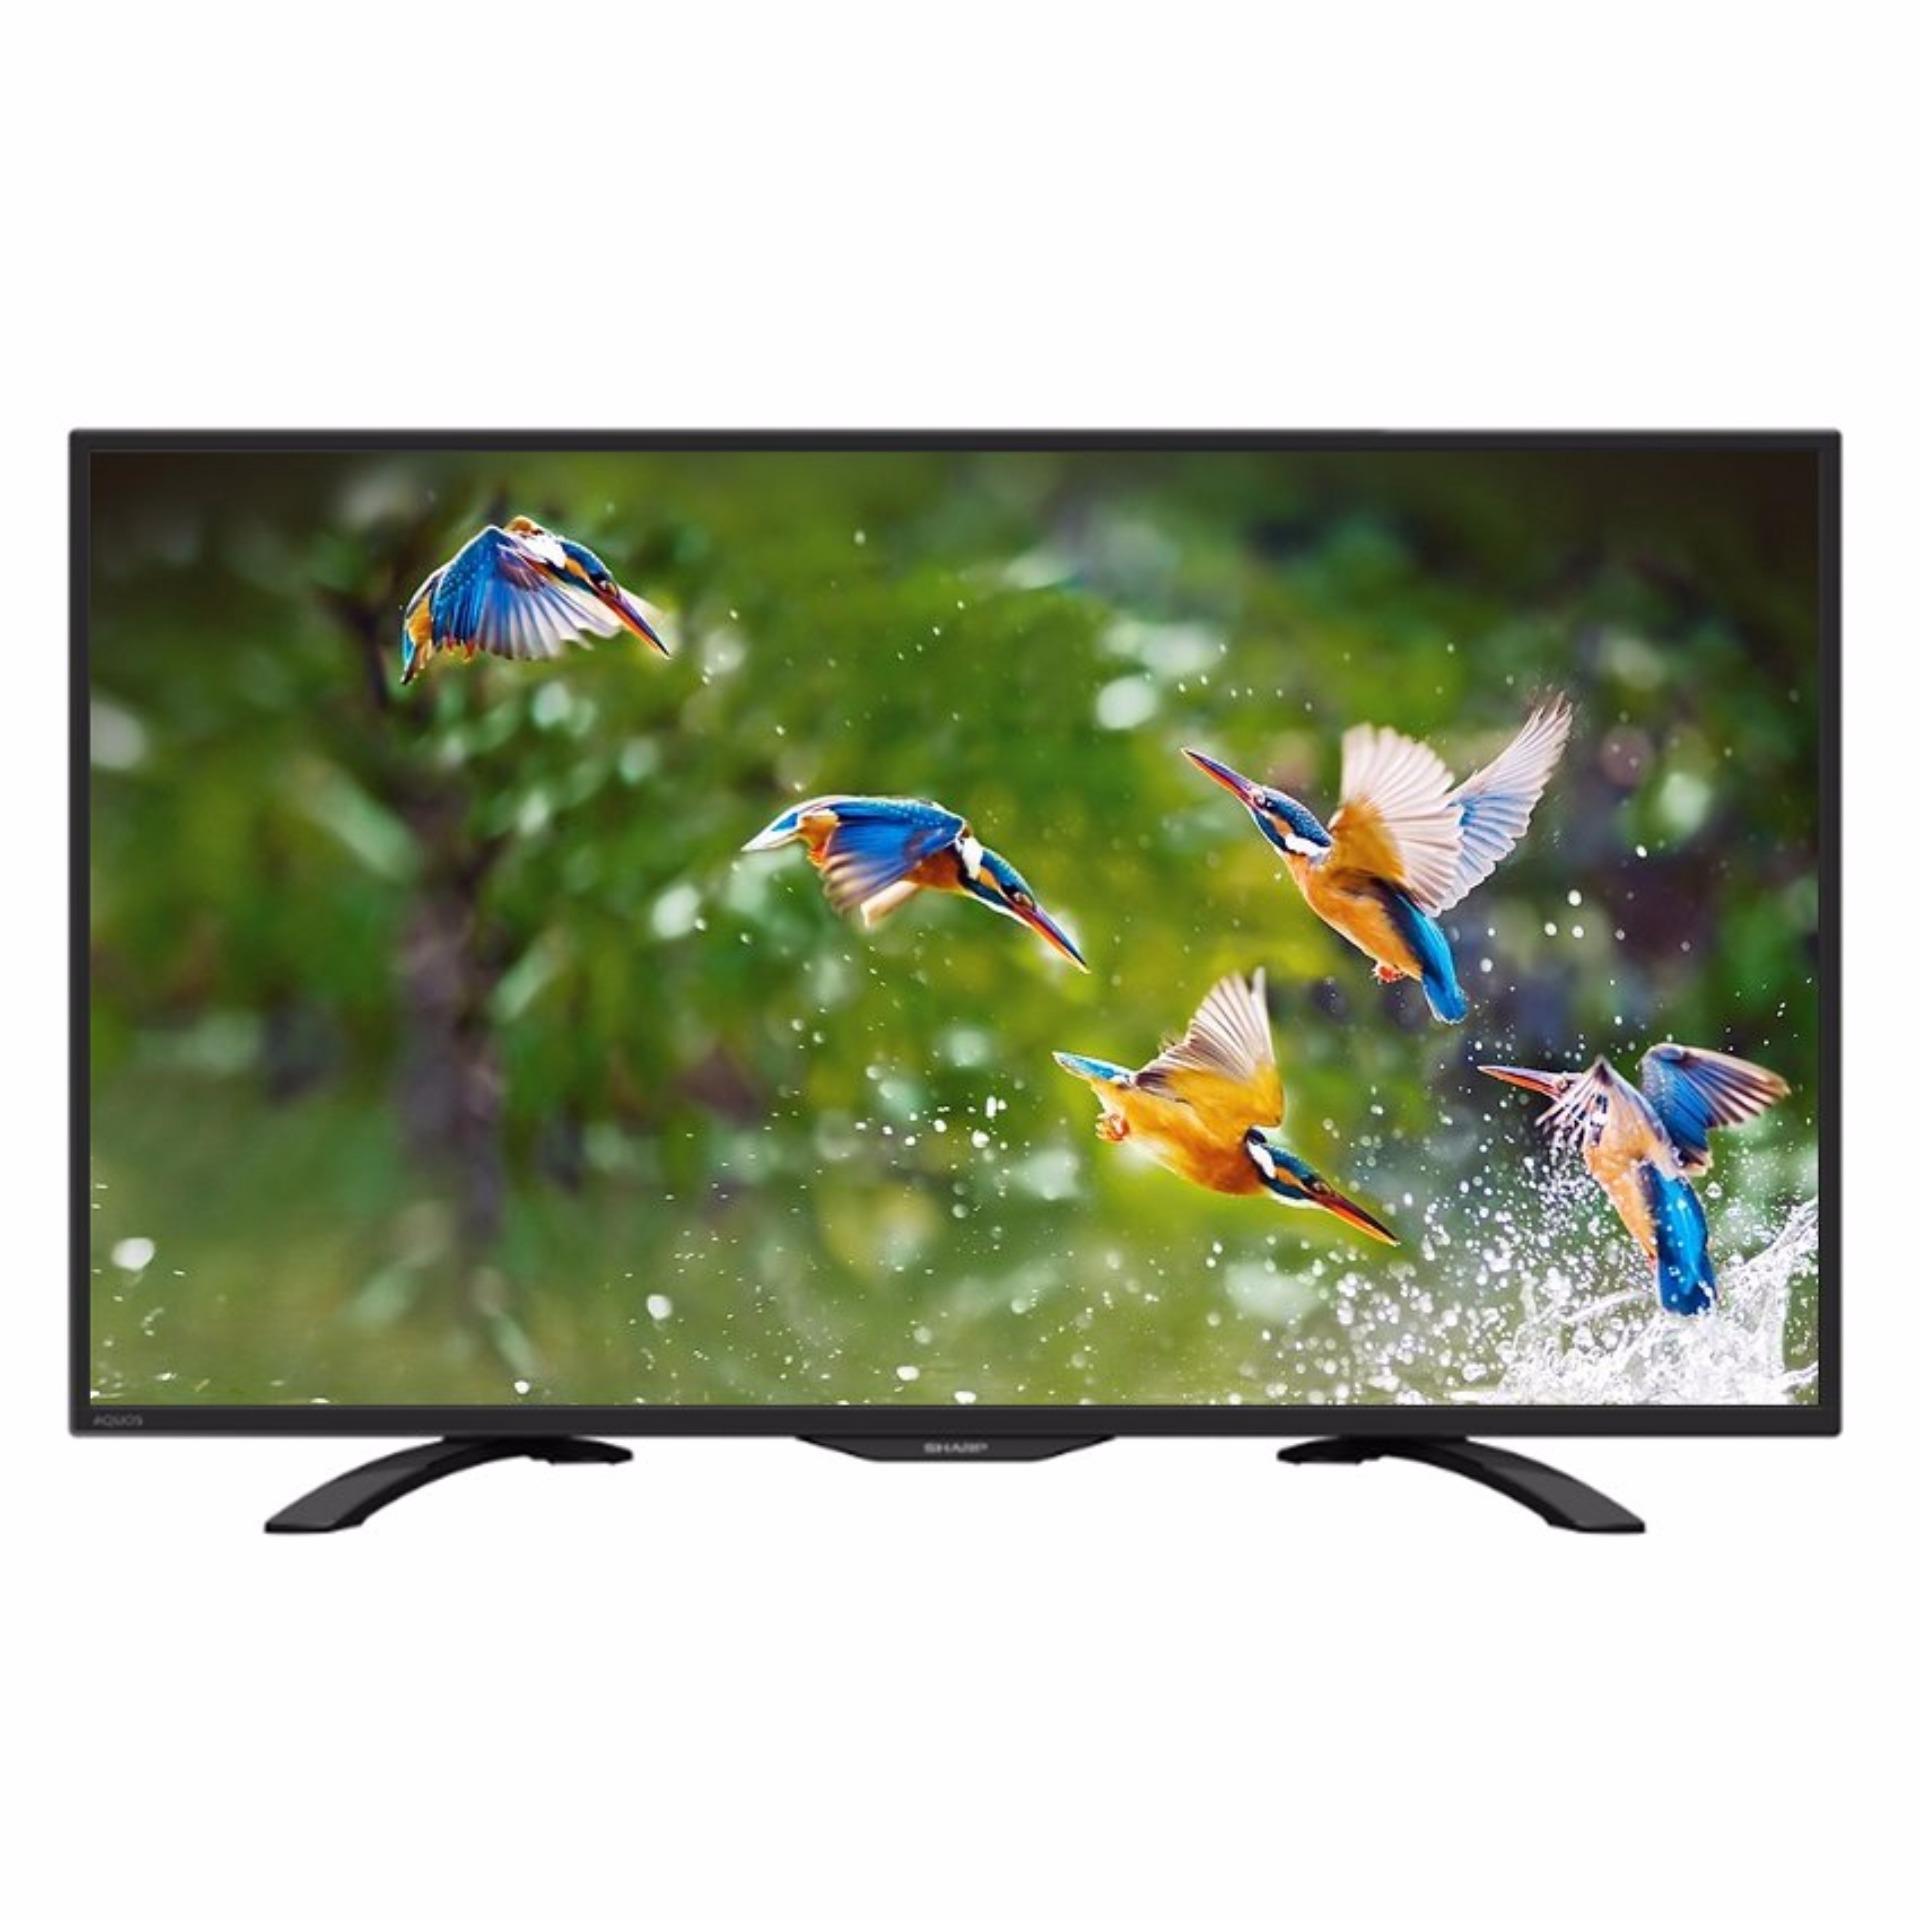 Báo Giá Smart Tivi LED Sharp AQUOUS 45 inch – Model LC-45LE280X (Đen) – Hãng phân phối chính thức